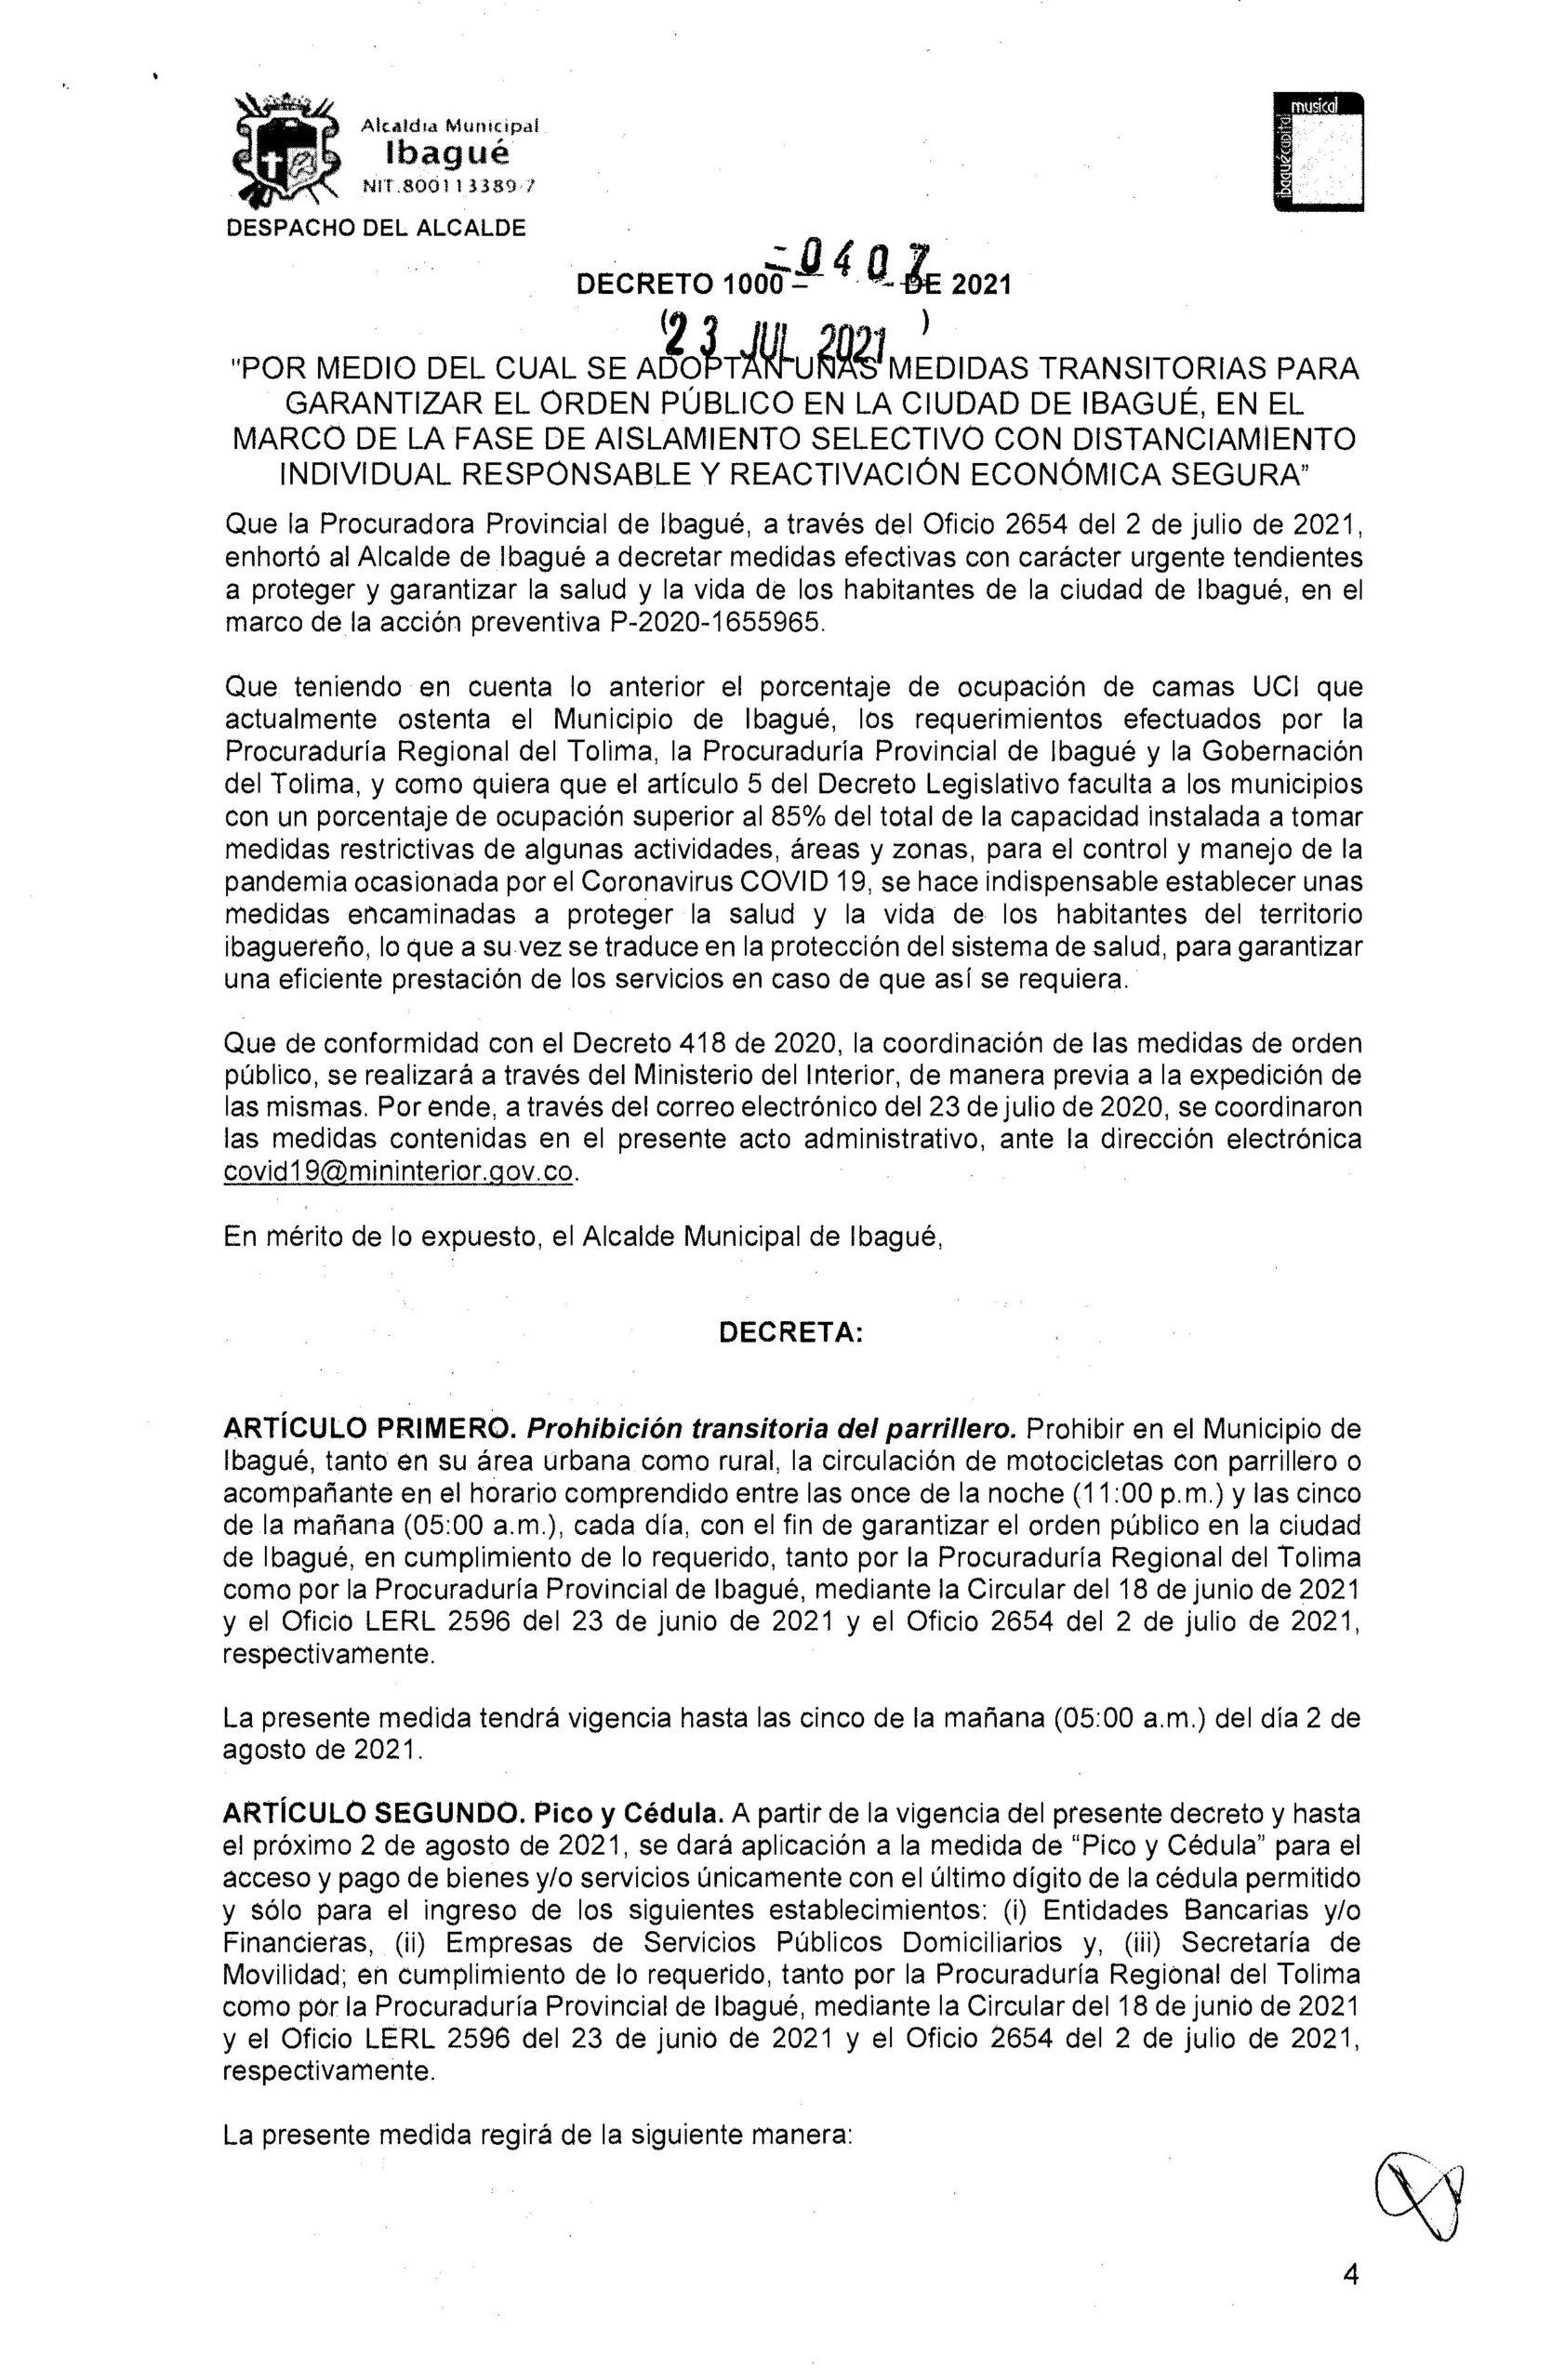 Medidas restrictivas se amplían hasta el 2 de agosto en Ibagué 2